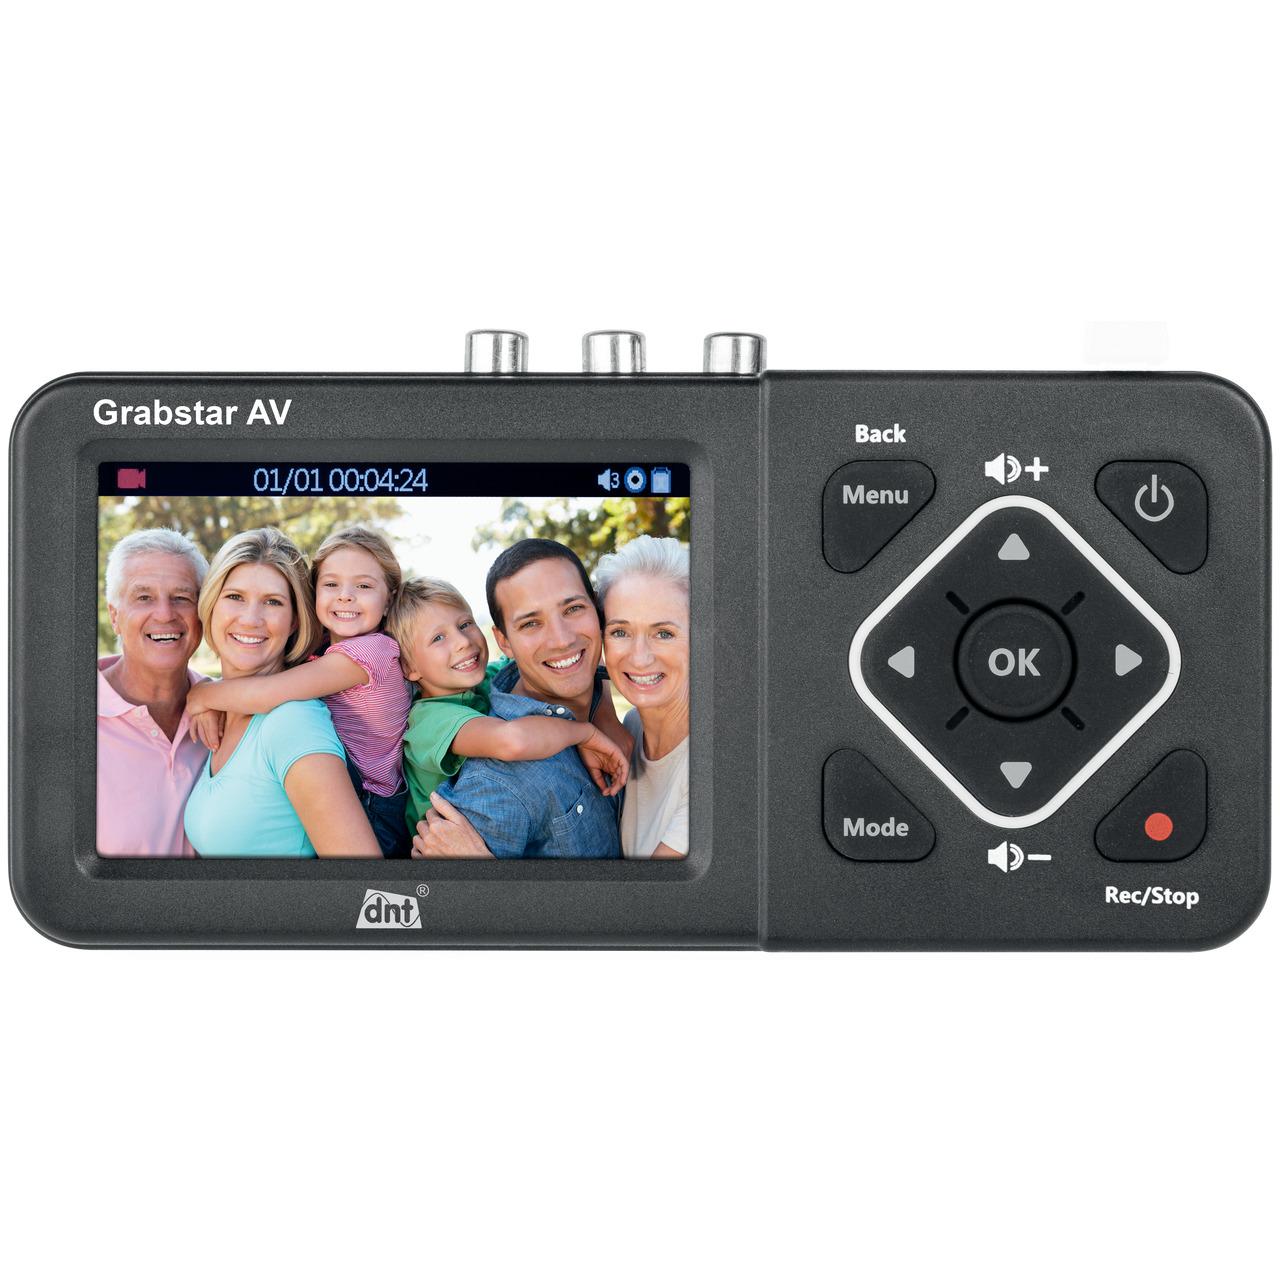 dnt Video-Digitalisierer Grabstar AV- 8-9 cm (3-5undquot ) Vorschaudisplay- S-Video- speichert auf USB- SD